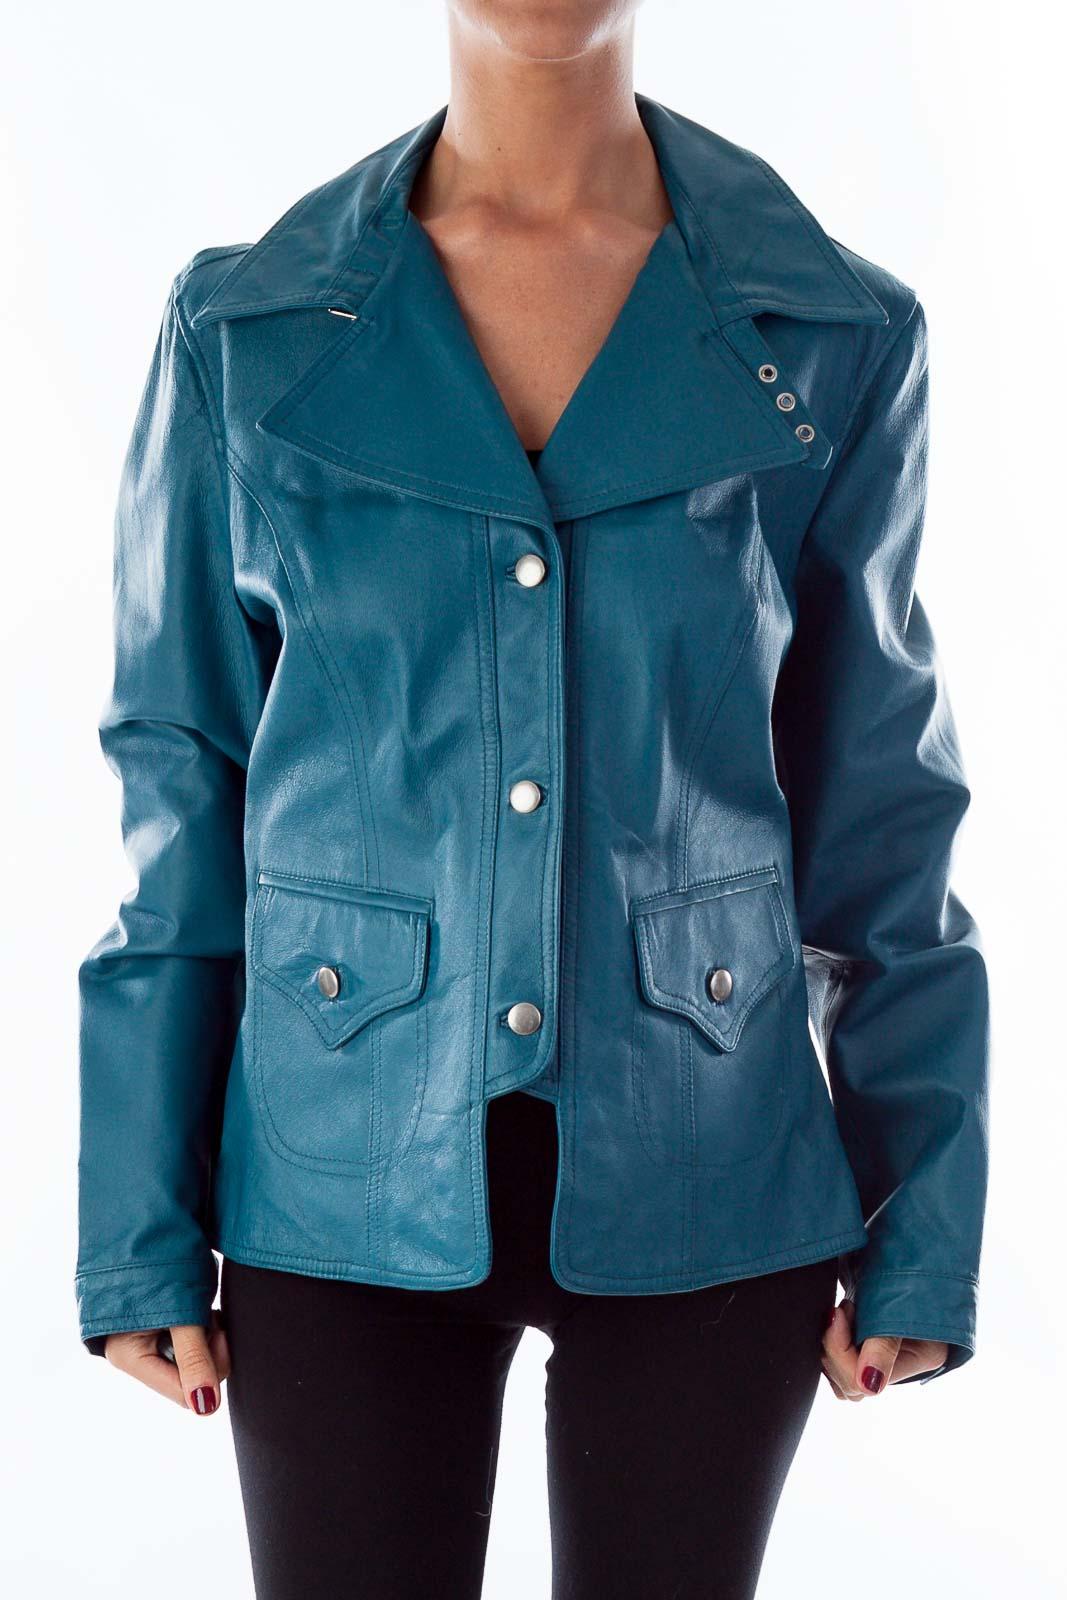 Turquoise Leather Jacket